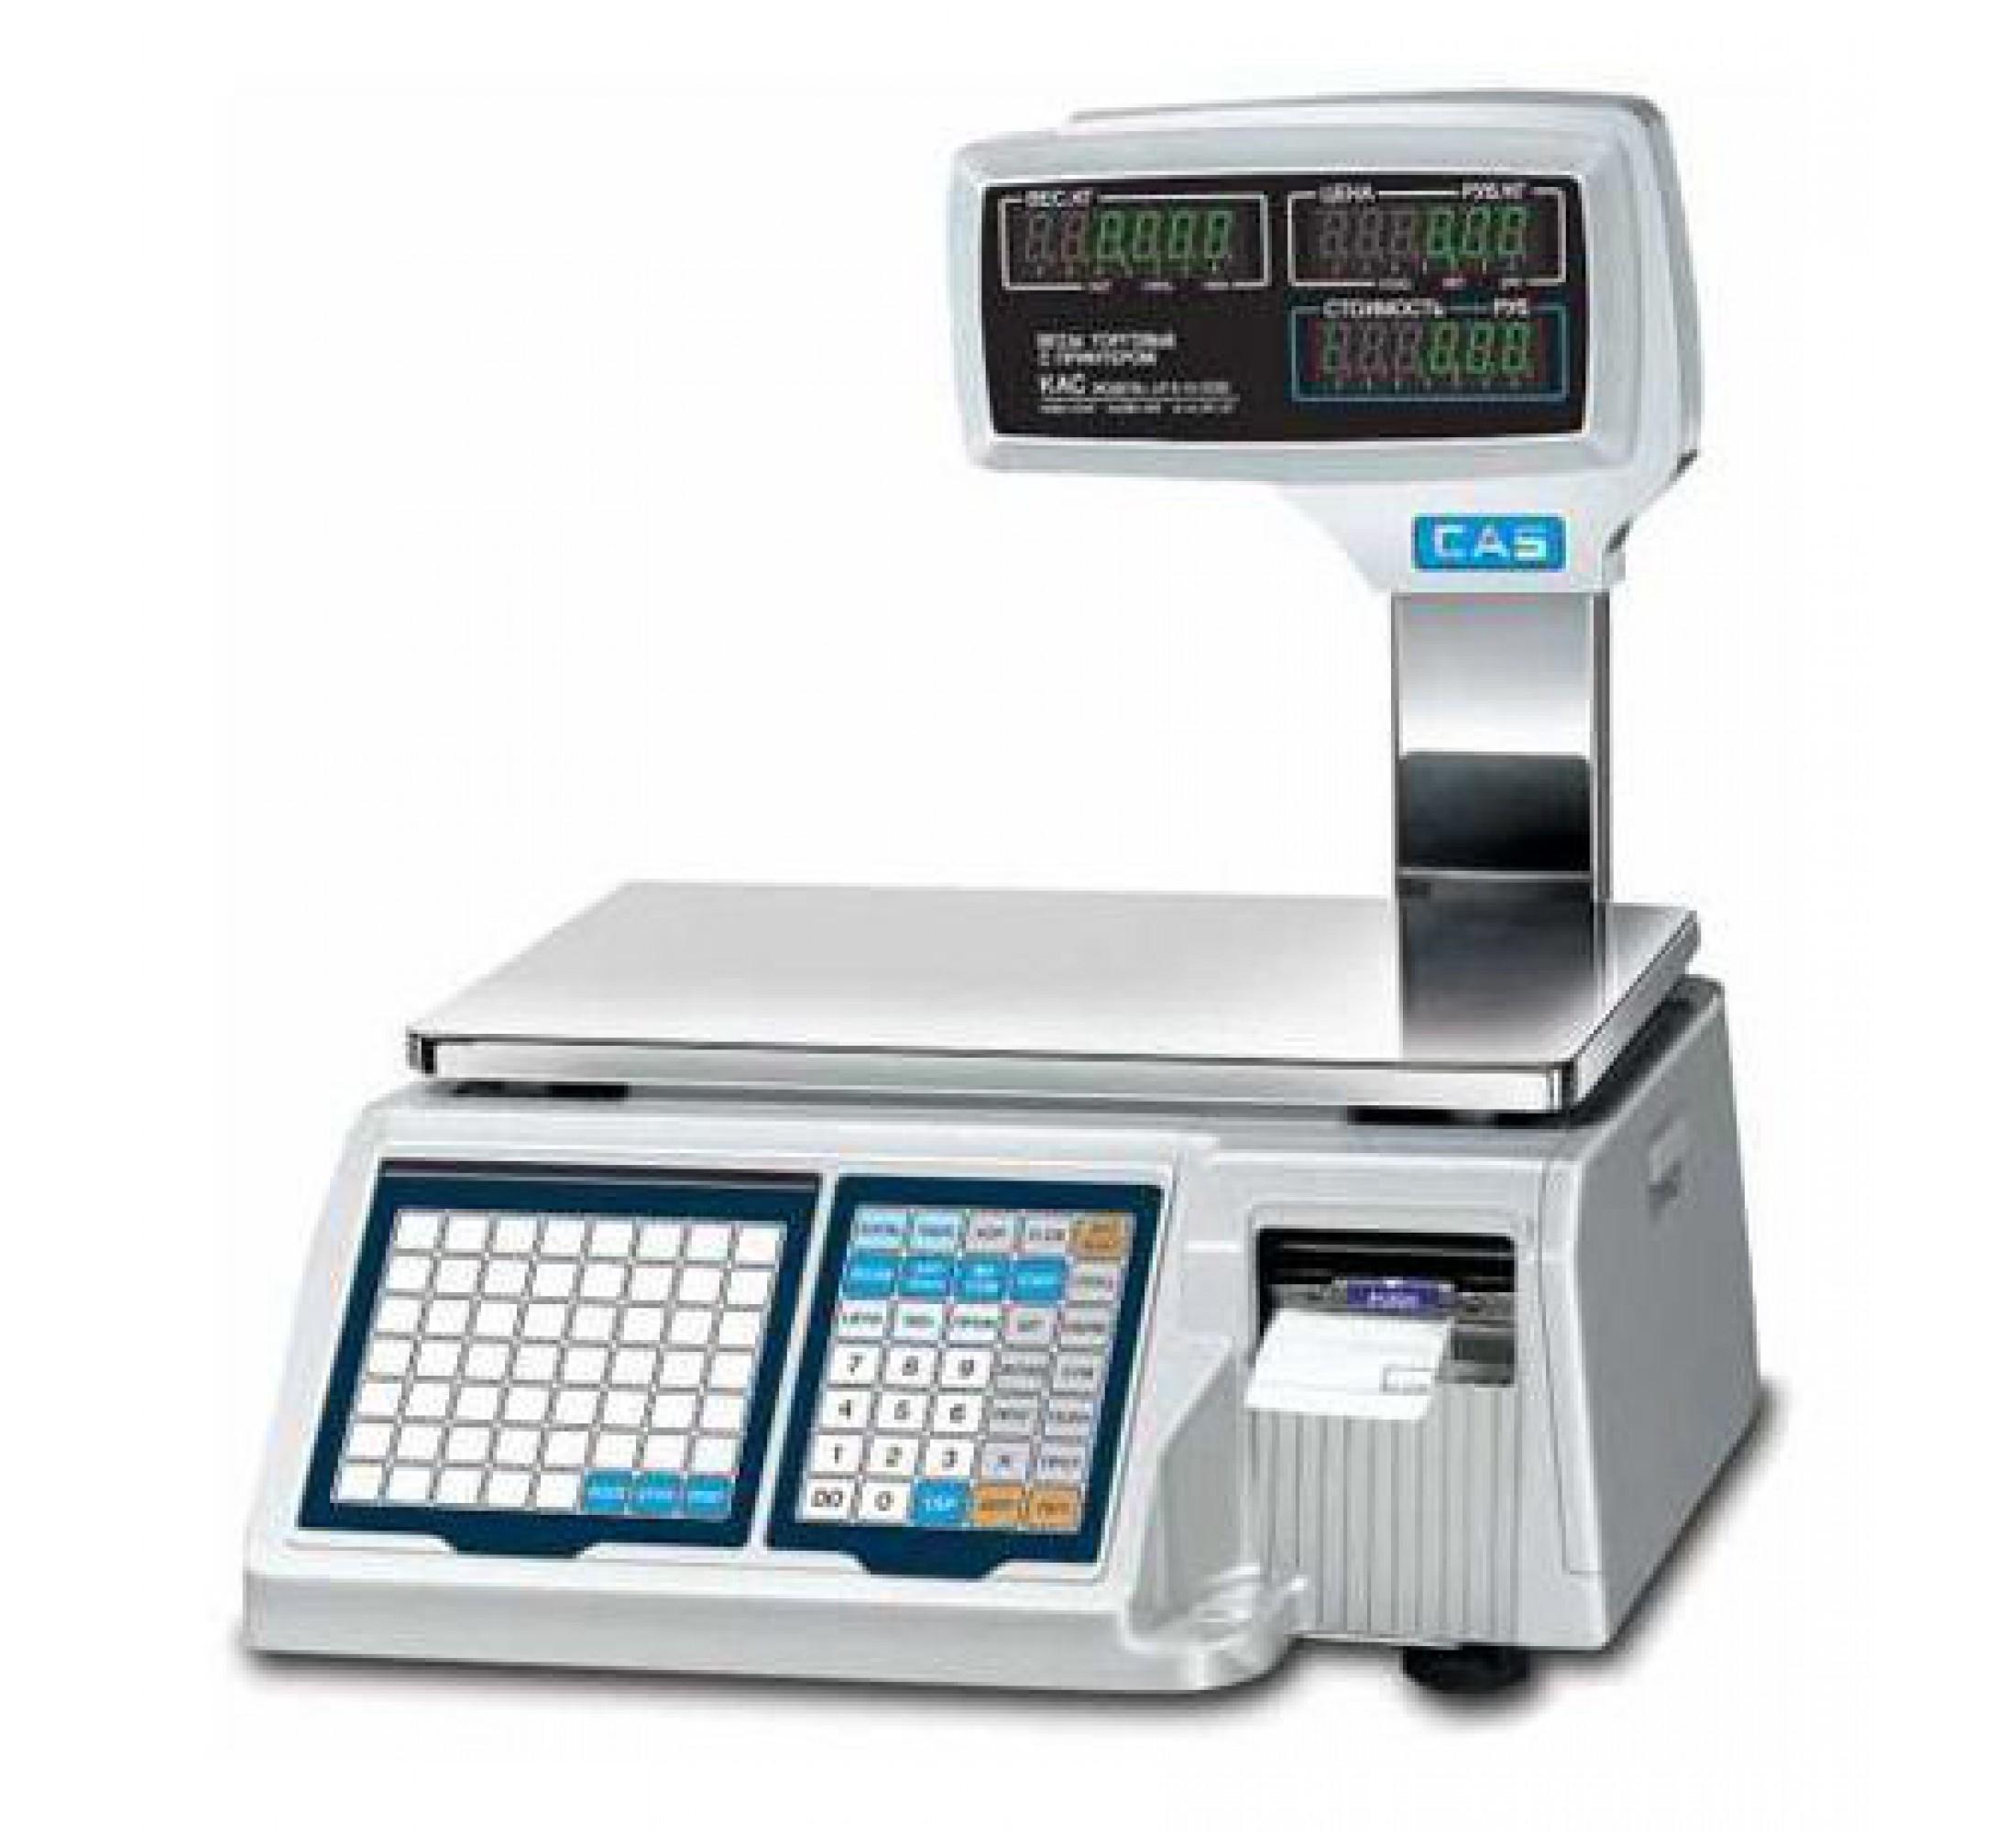 CAS LP ПО для ввода информации о товарах (RS232) CAS